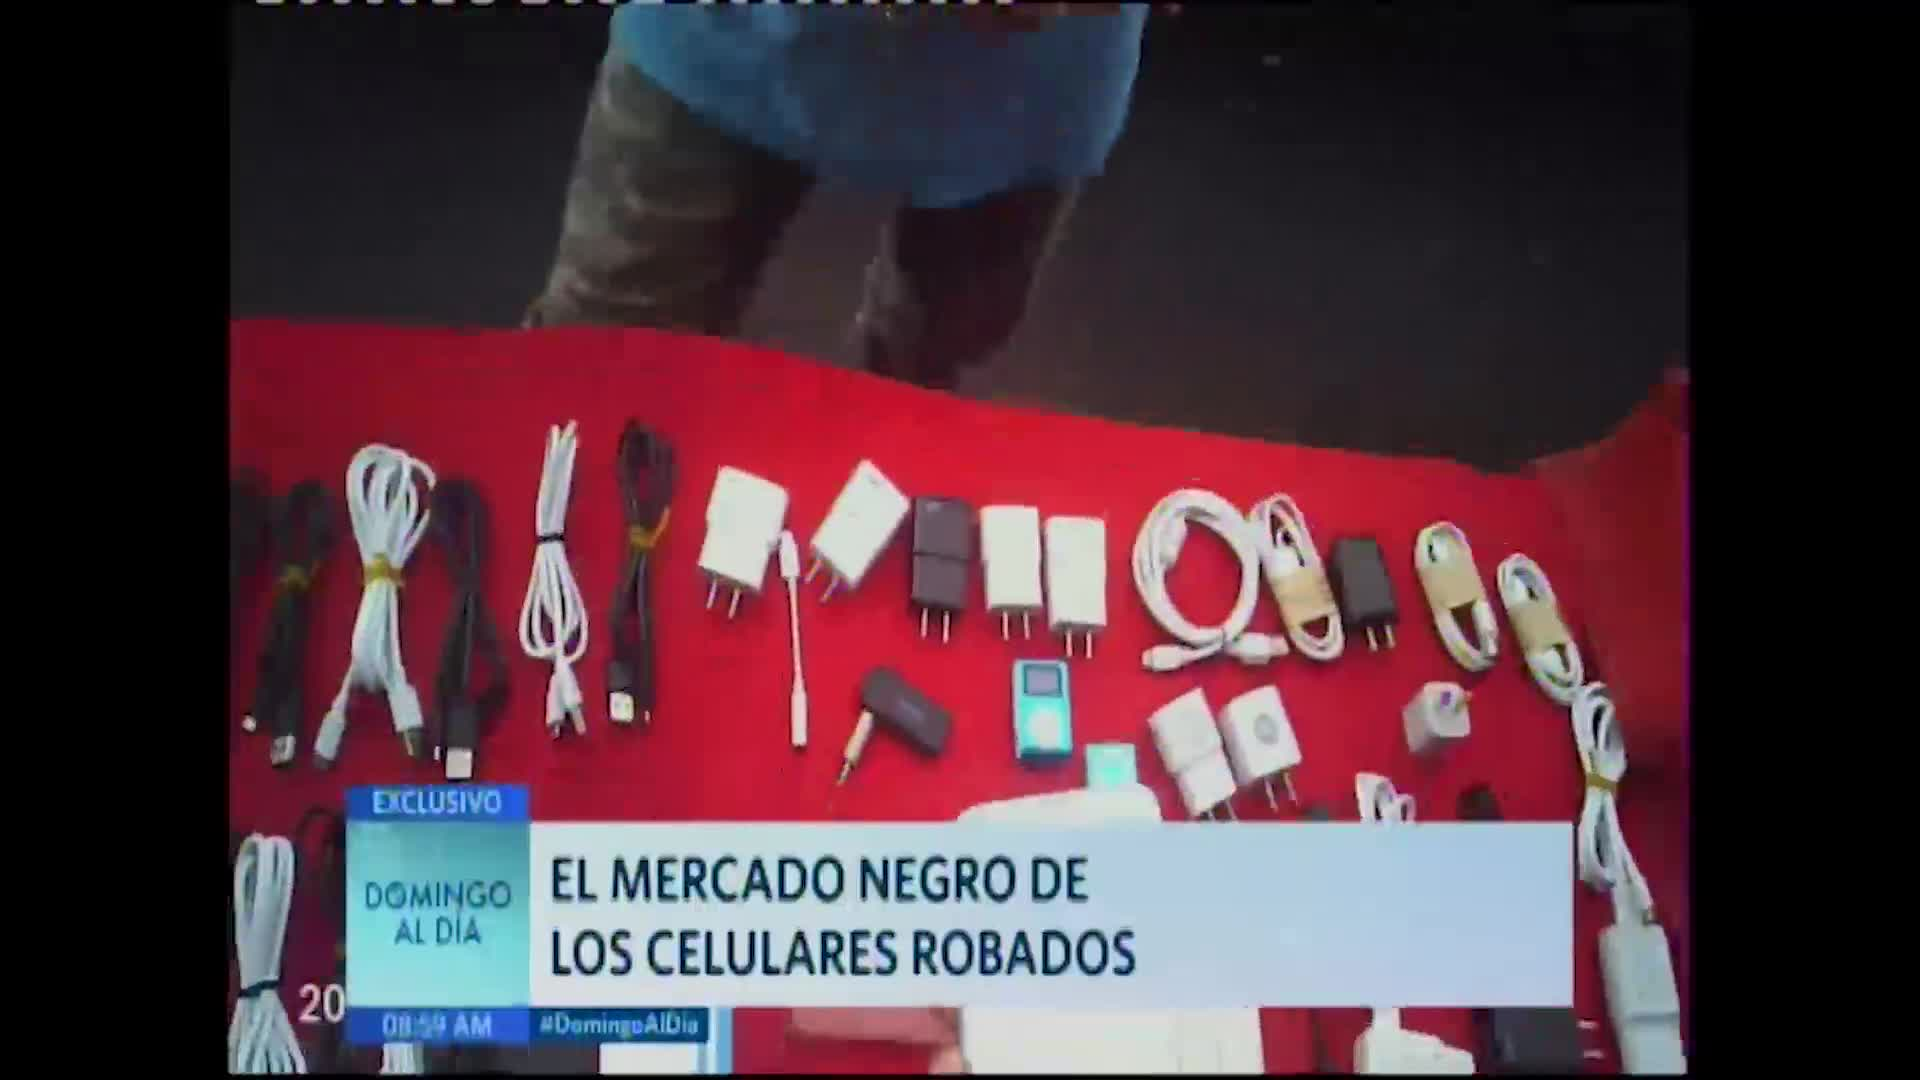 El mercado negro de los celulares robados